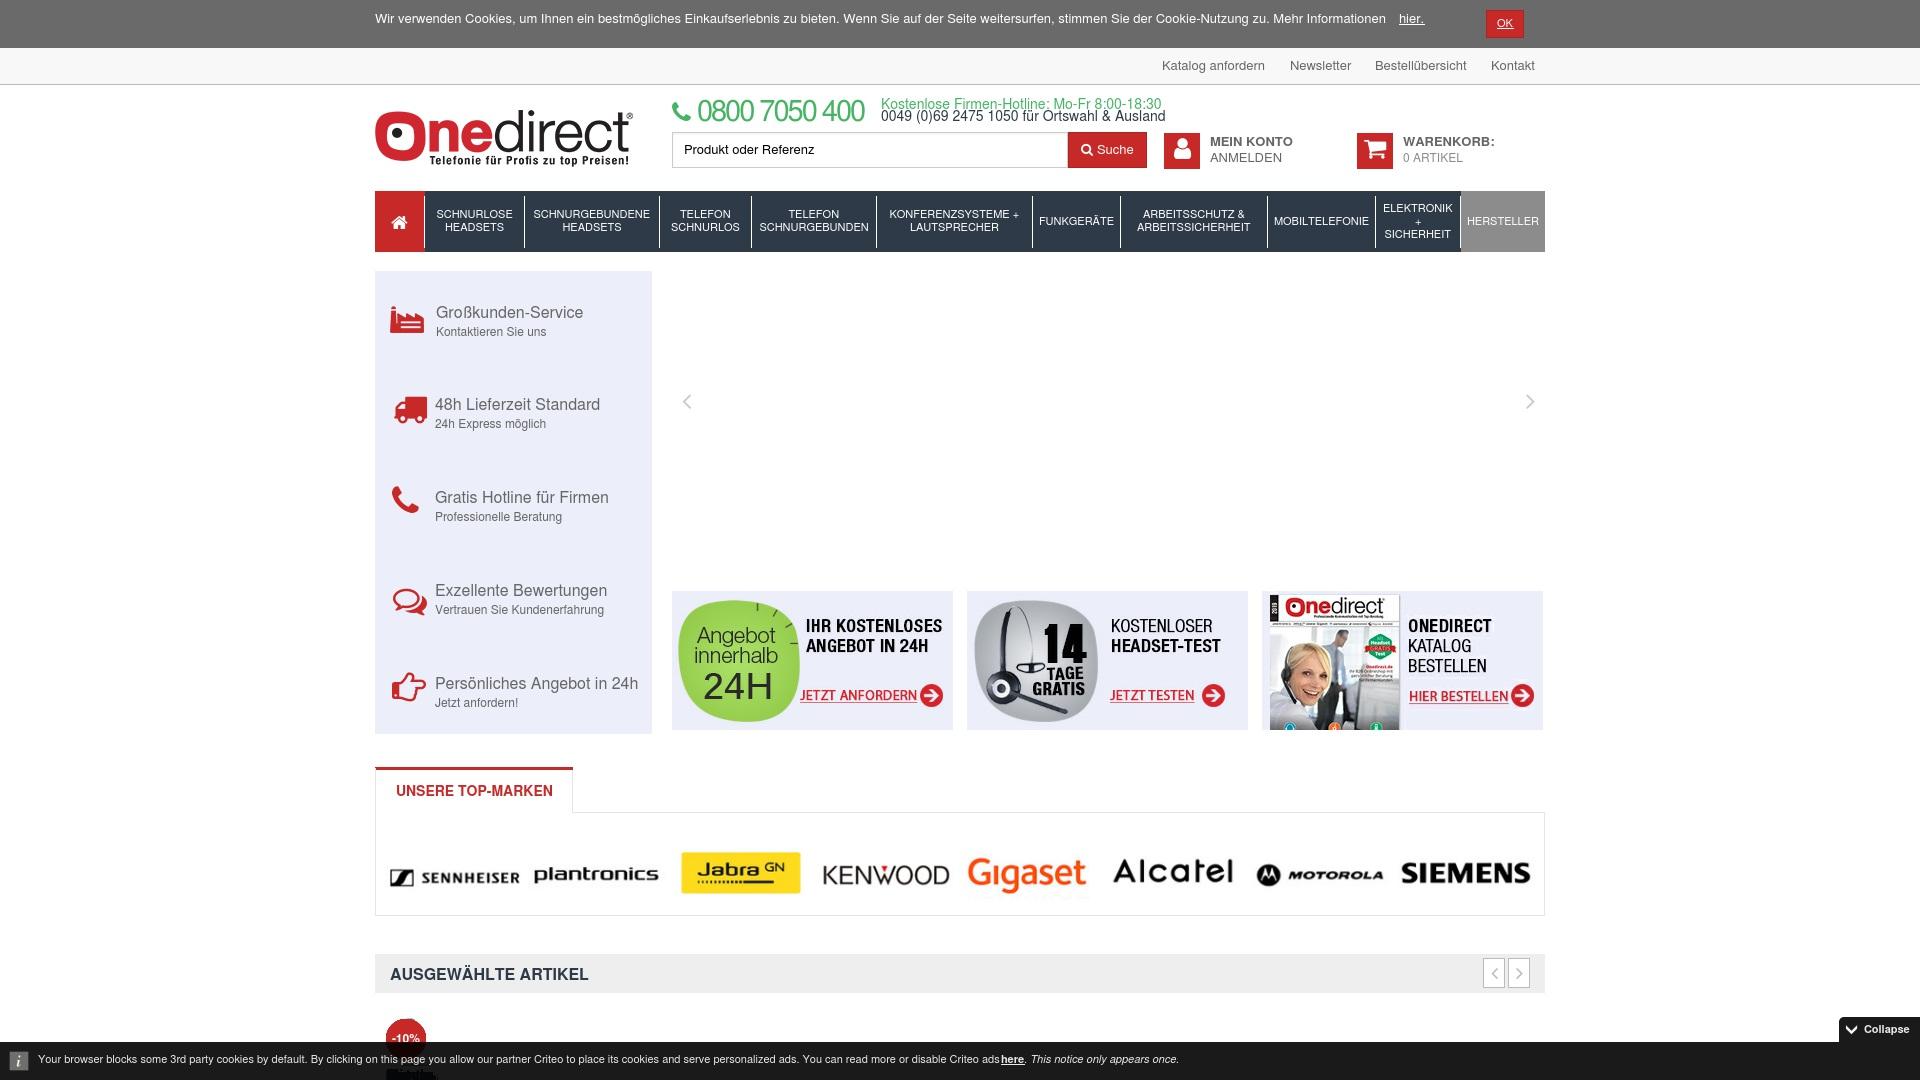 Gutschein für Onedirect: Rabatte für  Onedirect sichern